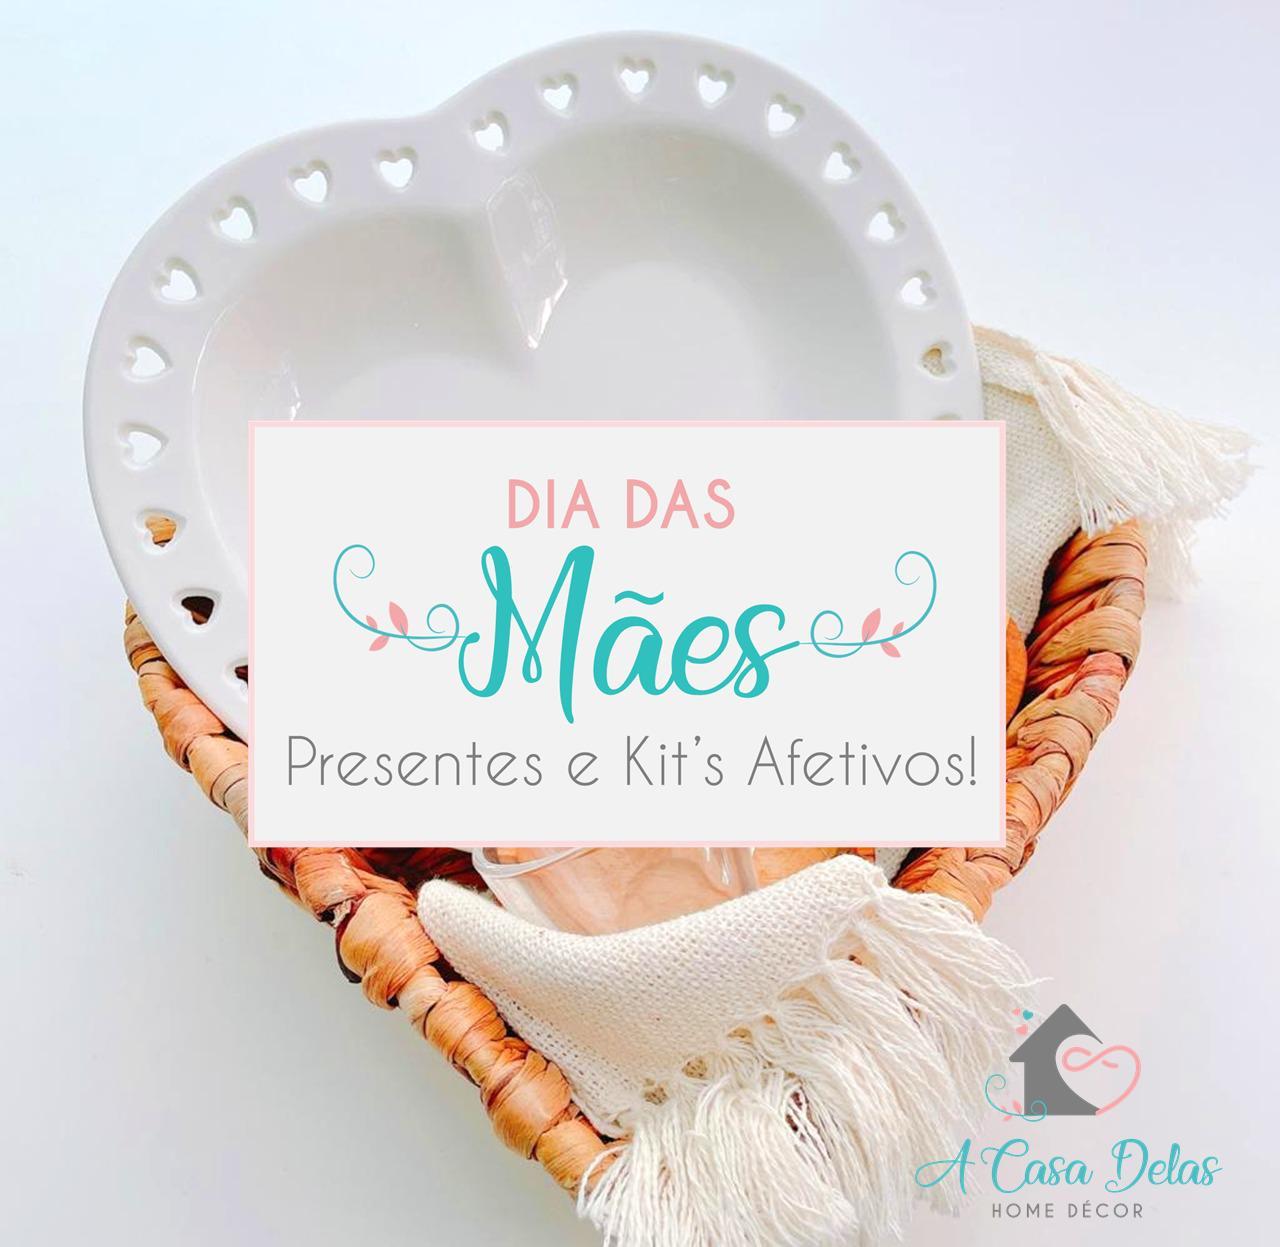 """DIA DAS MÃES: A Casa Delas Home Décor lança """"kits afetivos"""""""